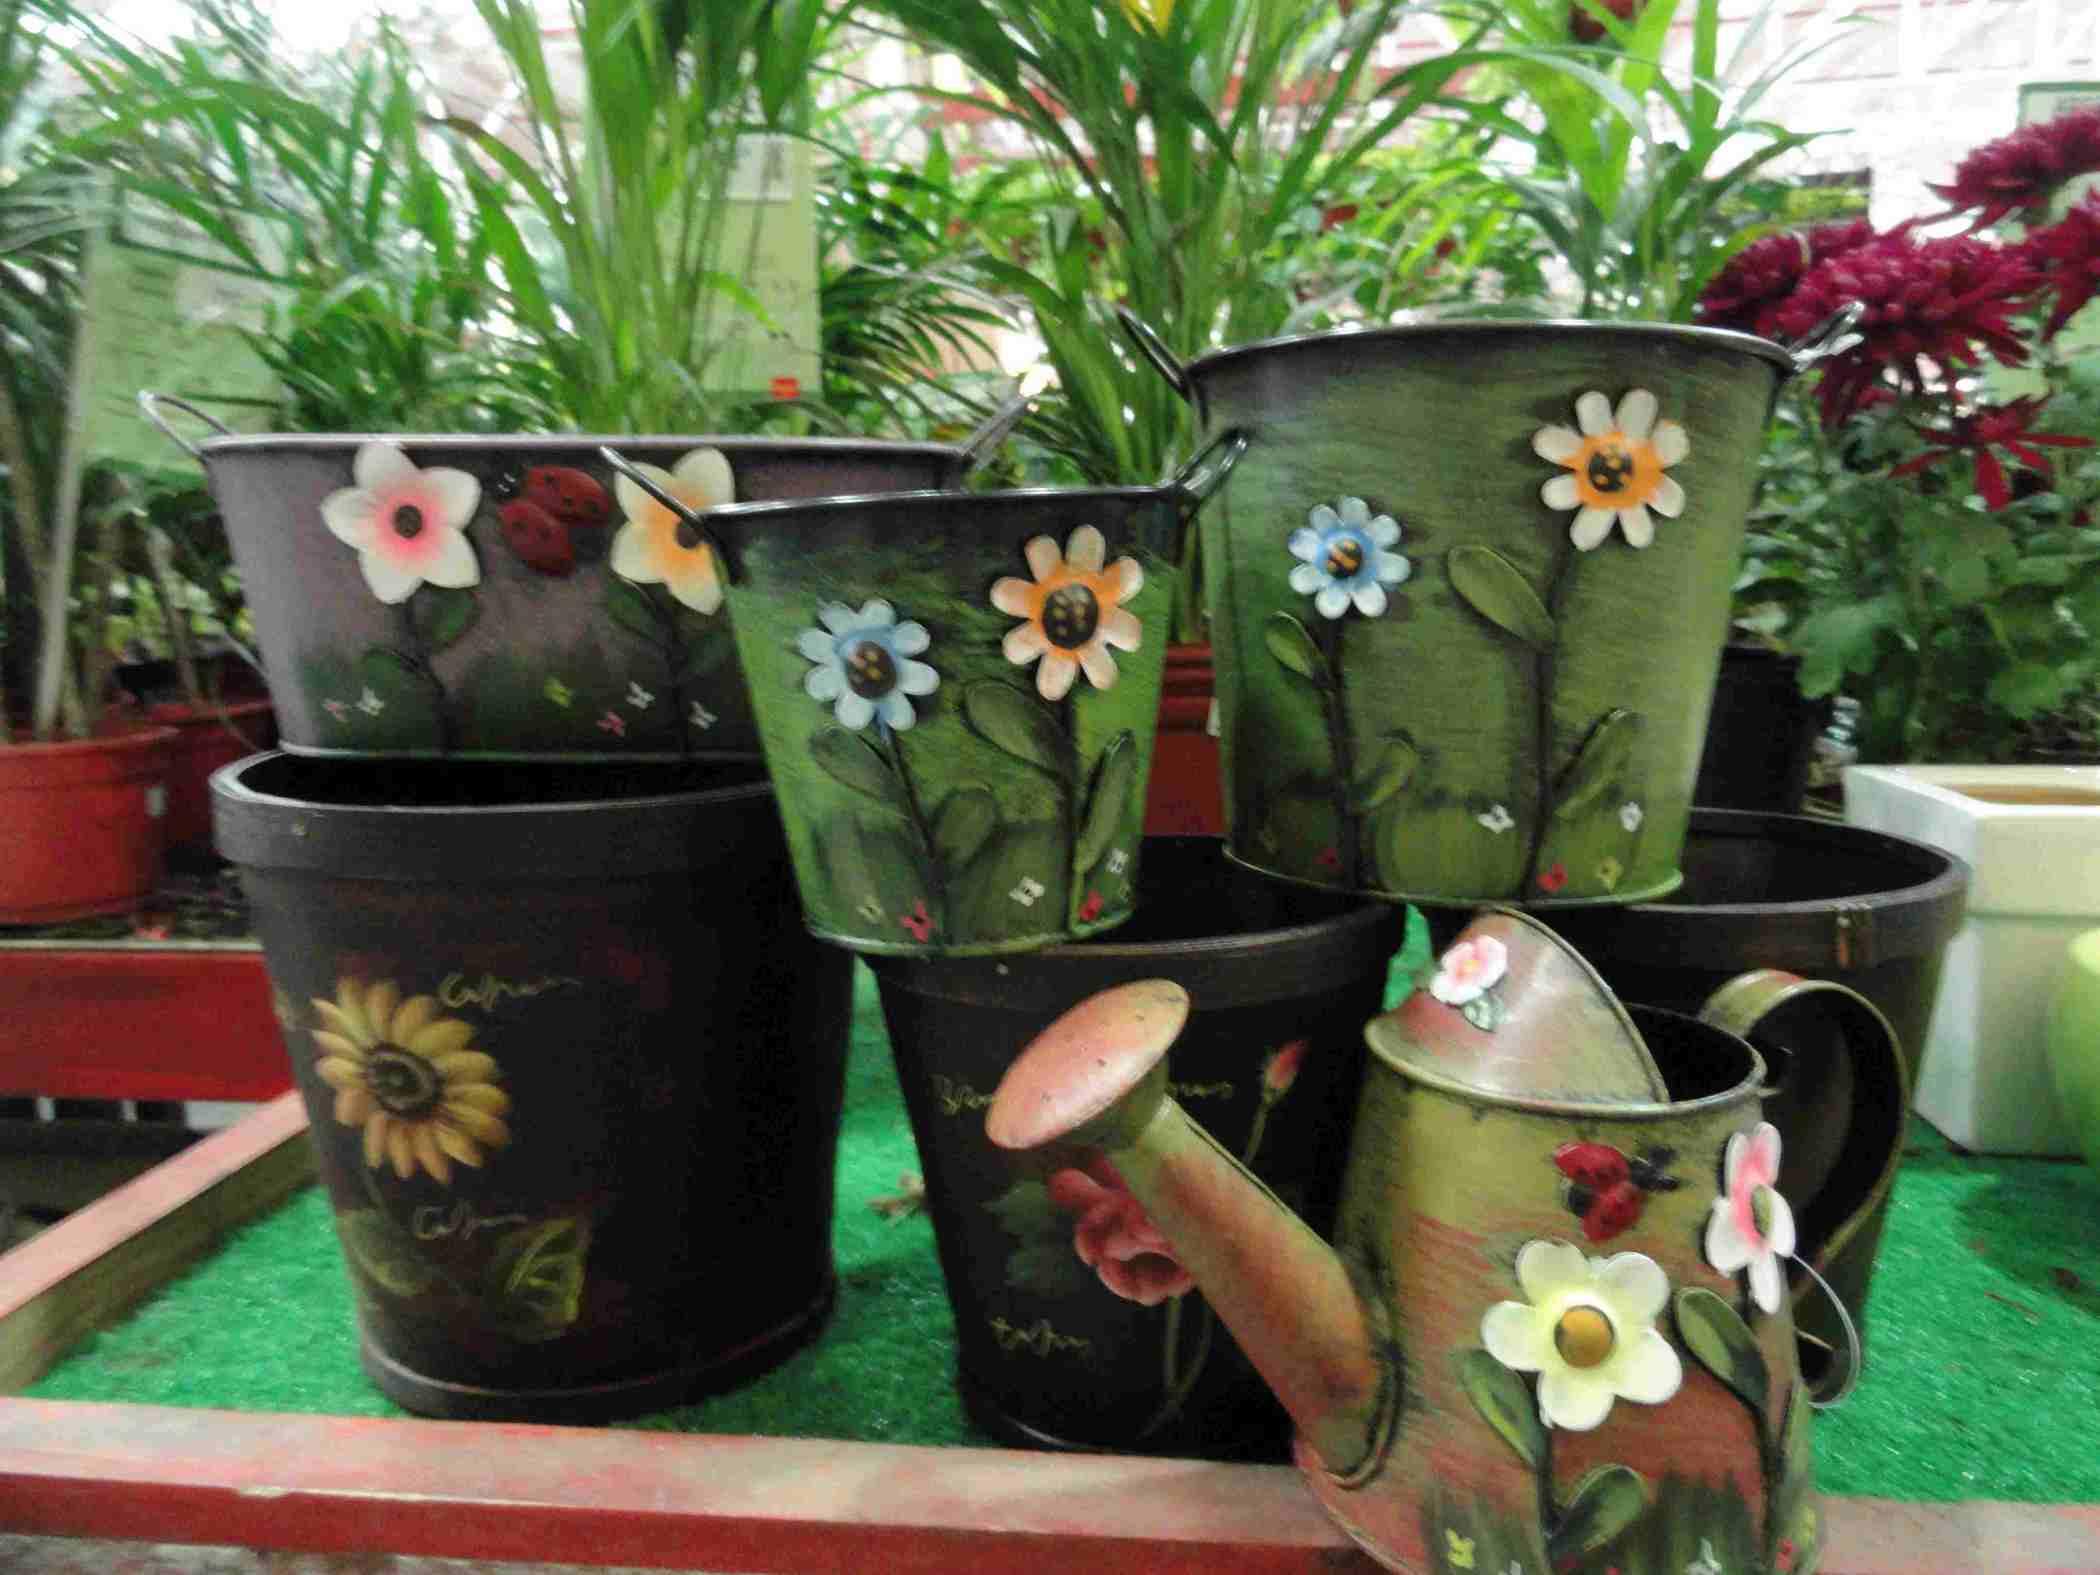 Macetas artesanales de lata el jardin en casa for Macetas decoradas para jardin